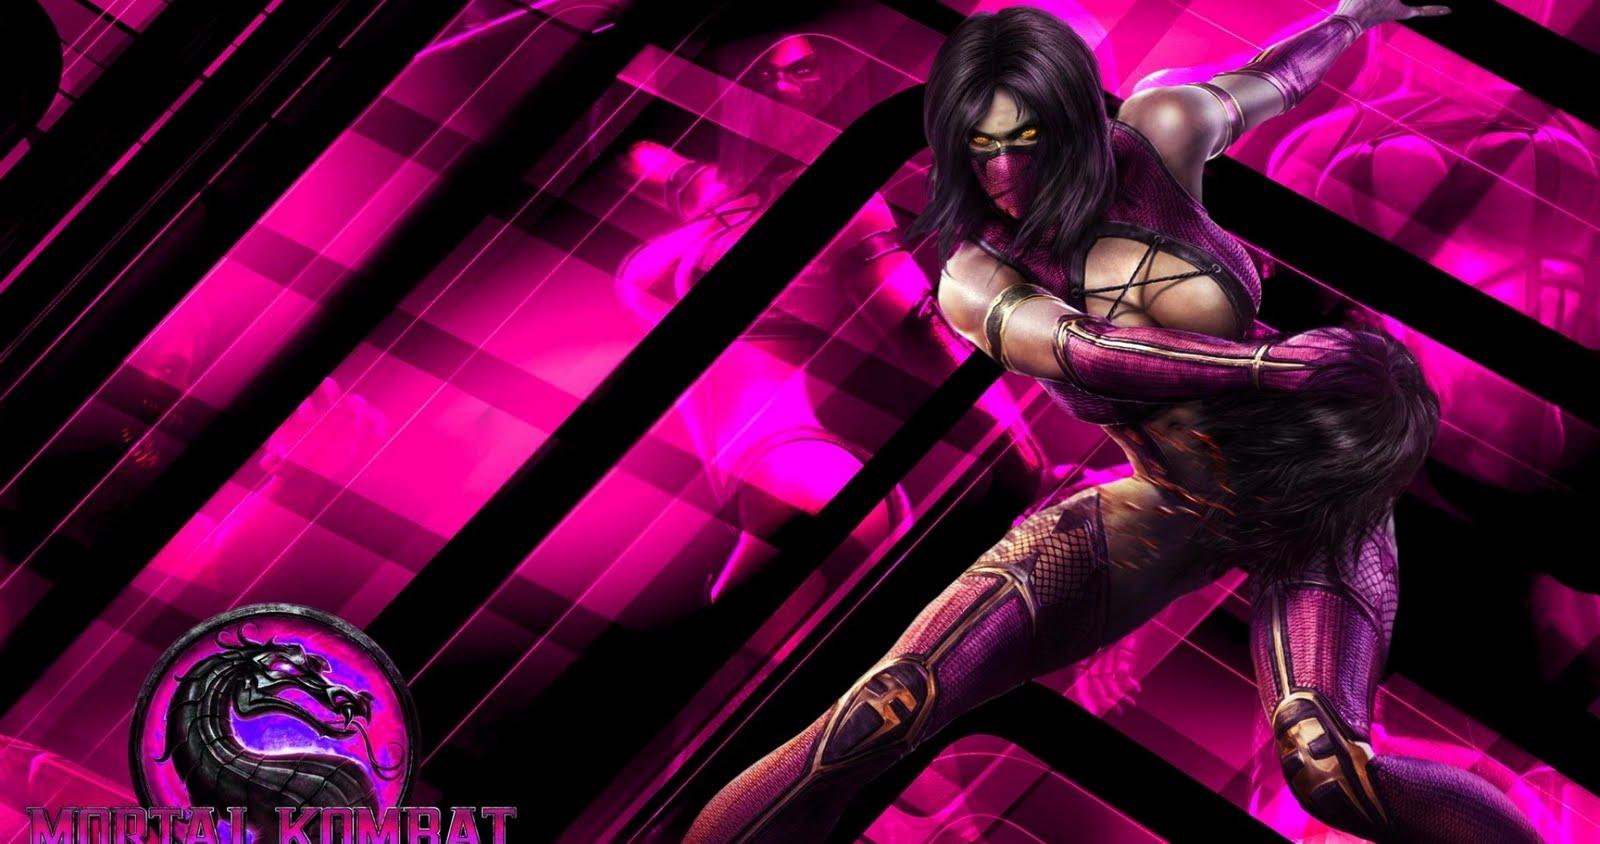 Mortal kombact hot 3d porny pics sex pic